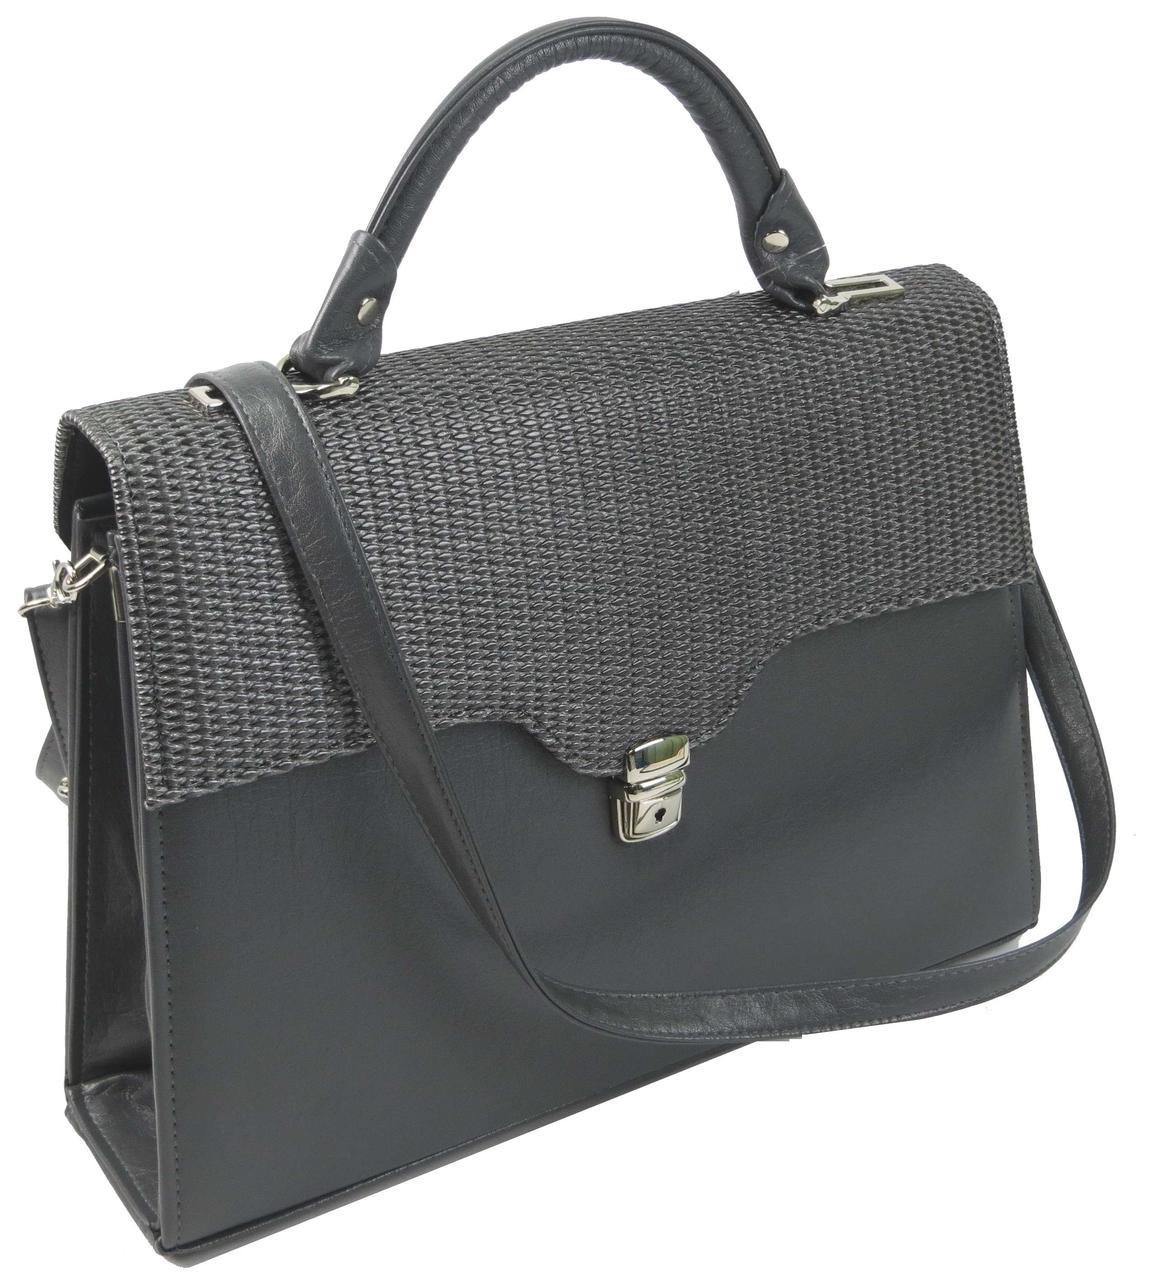 Женская деловая сумка-портфель из эко кожи Arwena серая